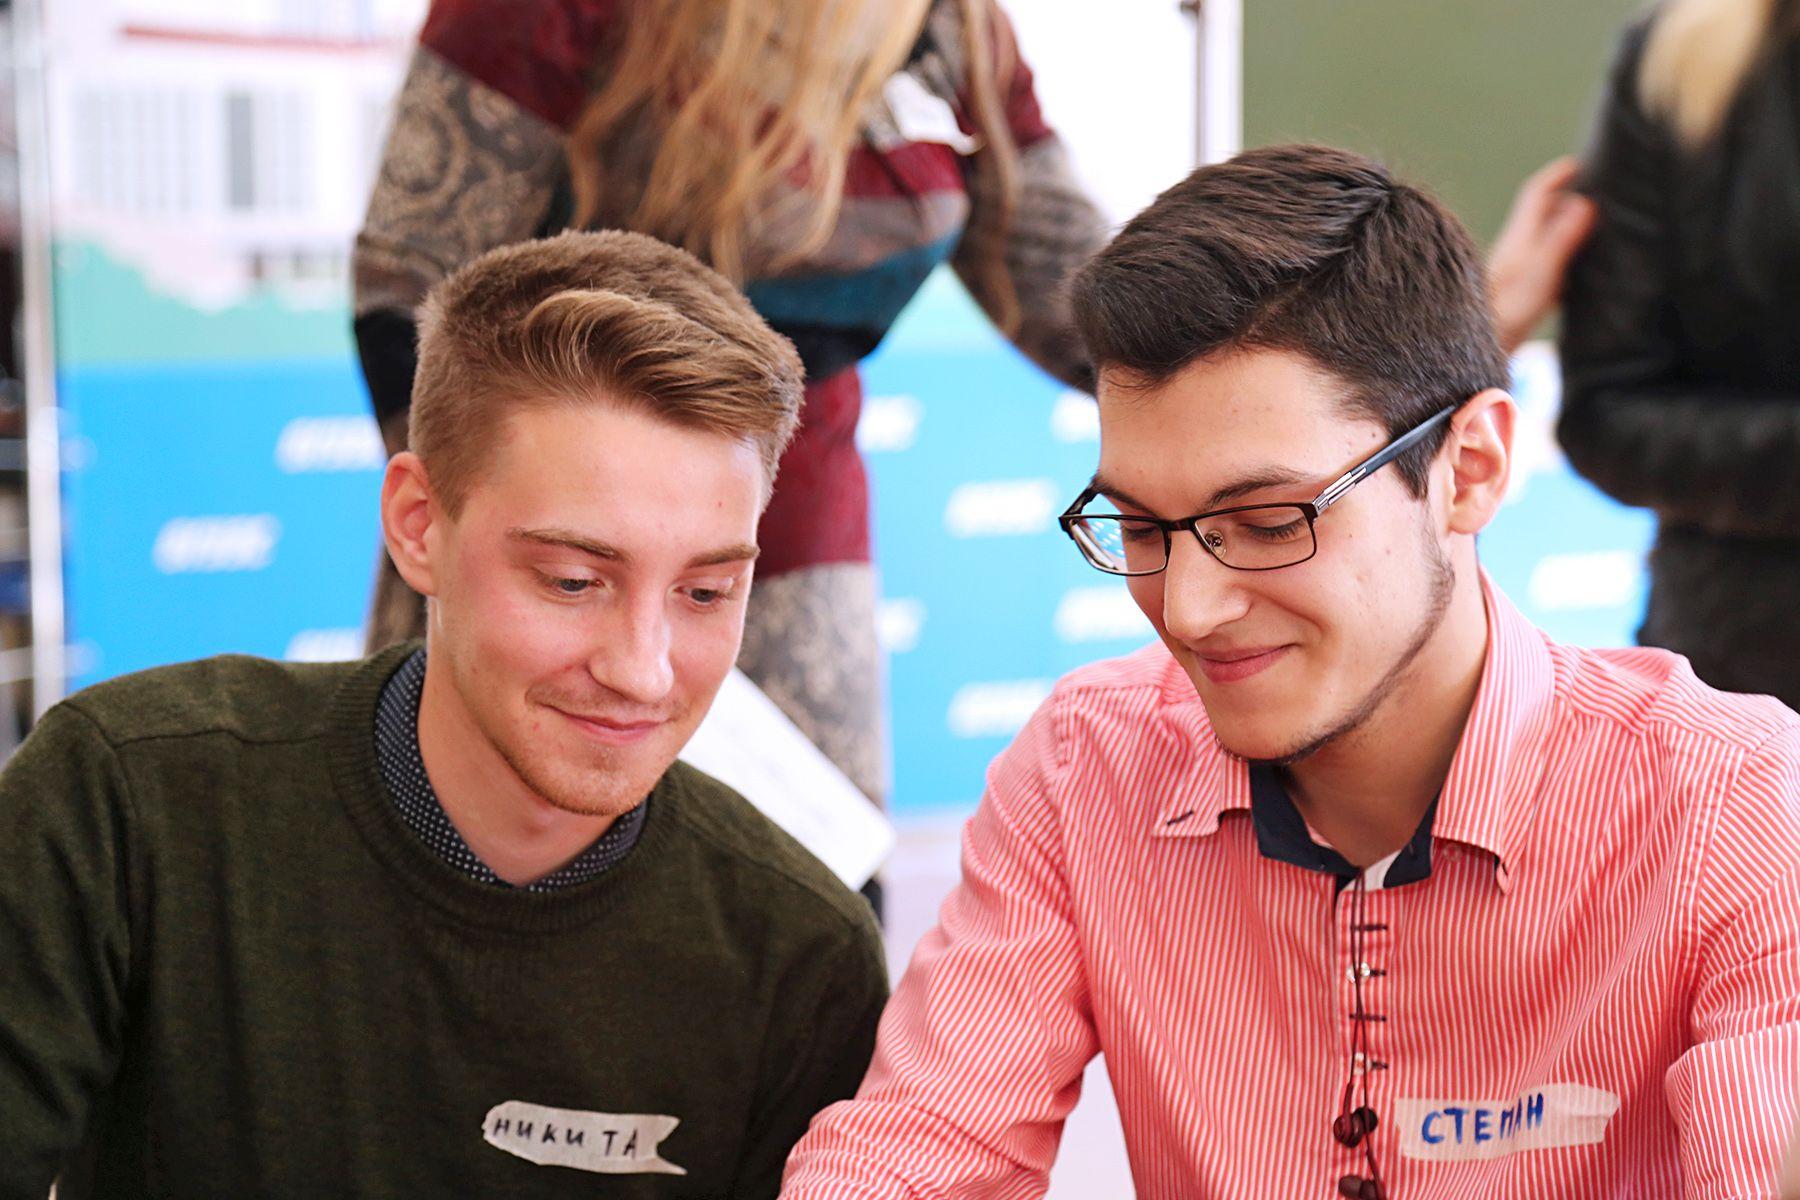 Молодежь Владивостока ищет формы активизма для реализации своих потребностей на форсайт-сессии во ВГУЭС